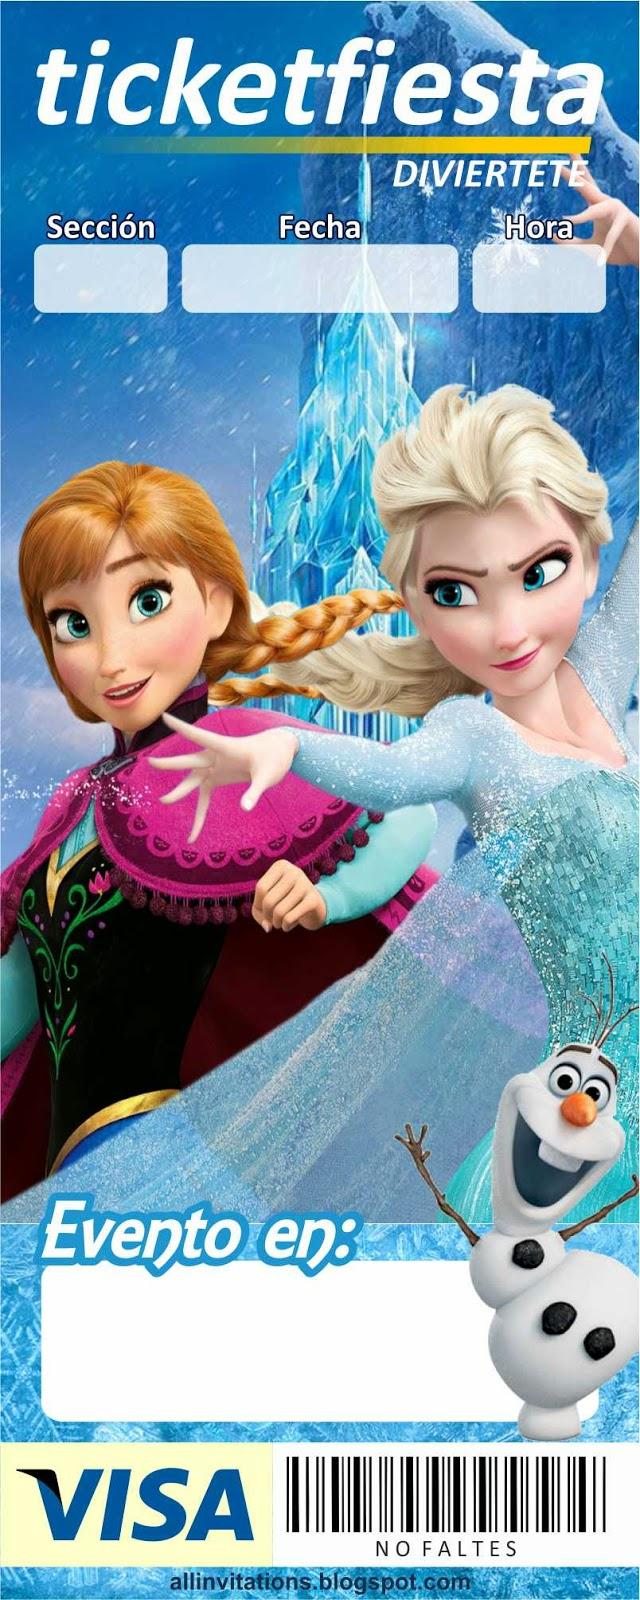 Plantilla para invitación tipo ticketmaster con el tema de Frozen una aventura congelada